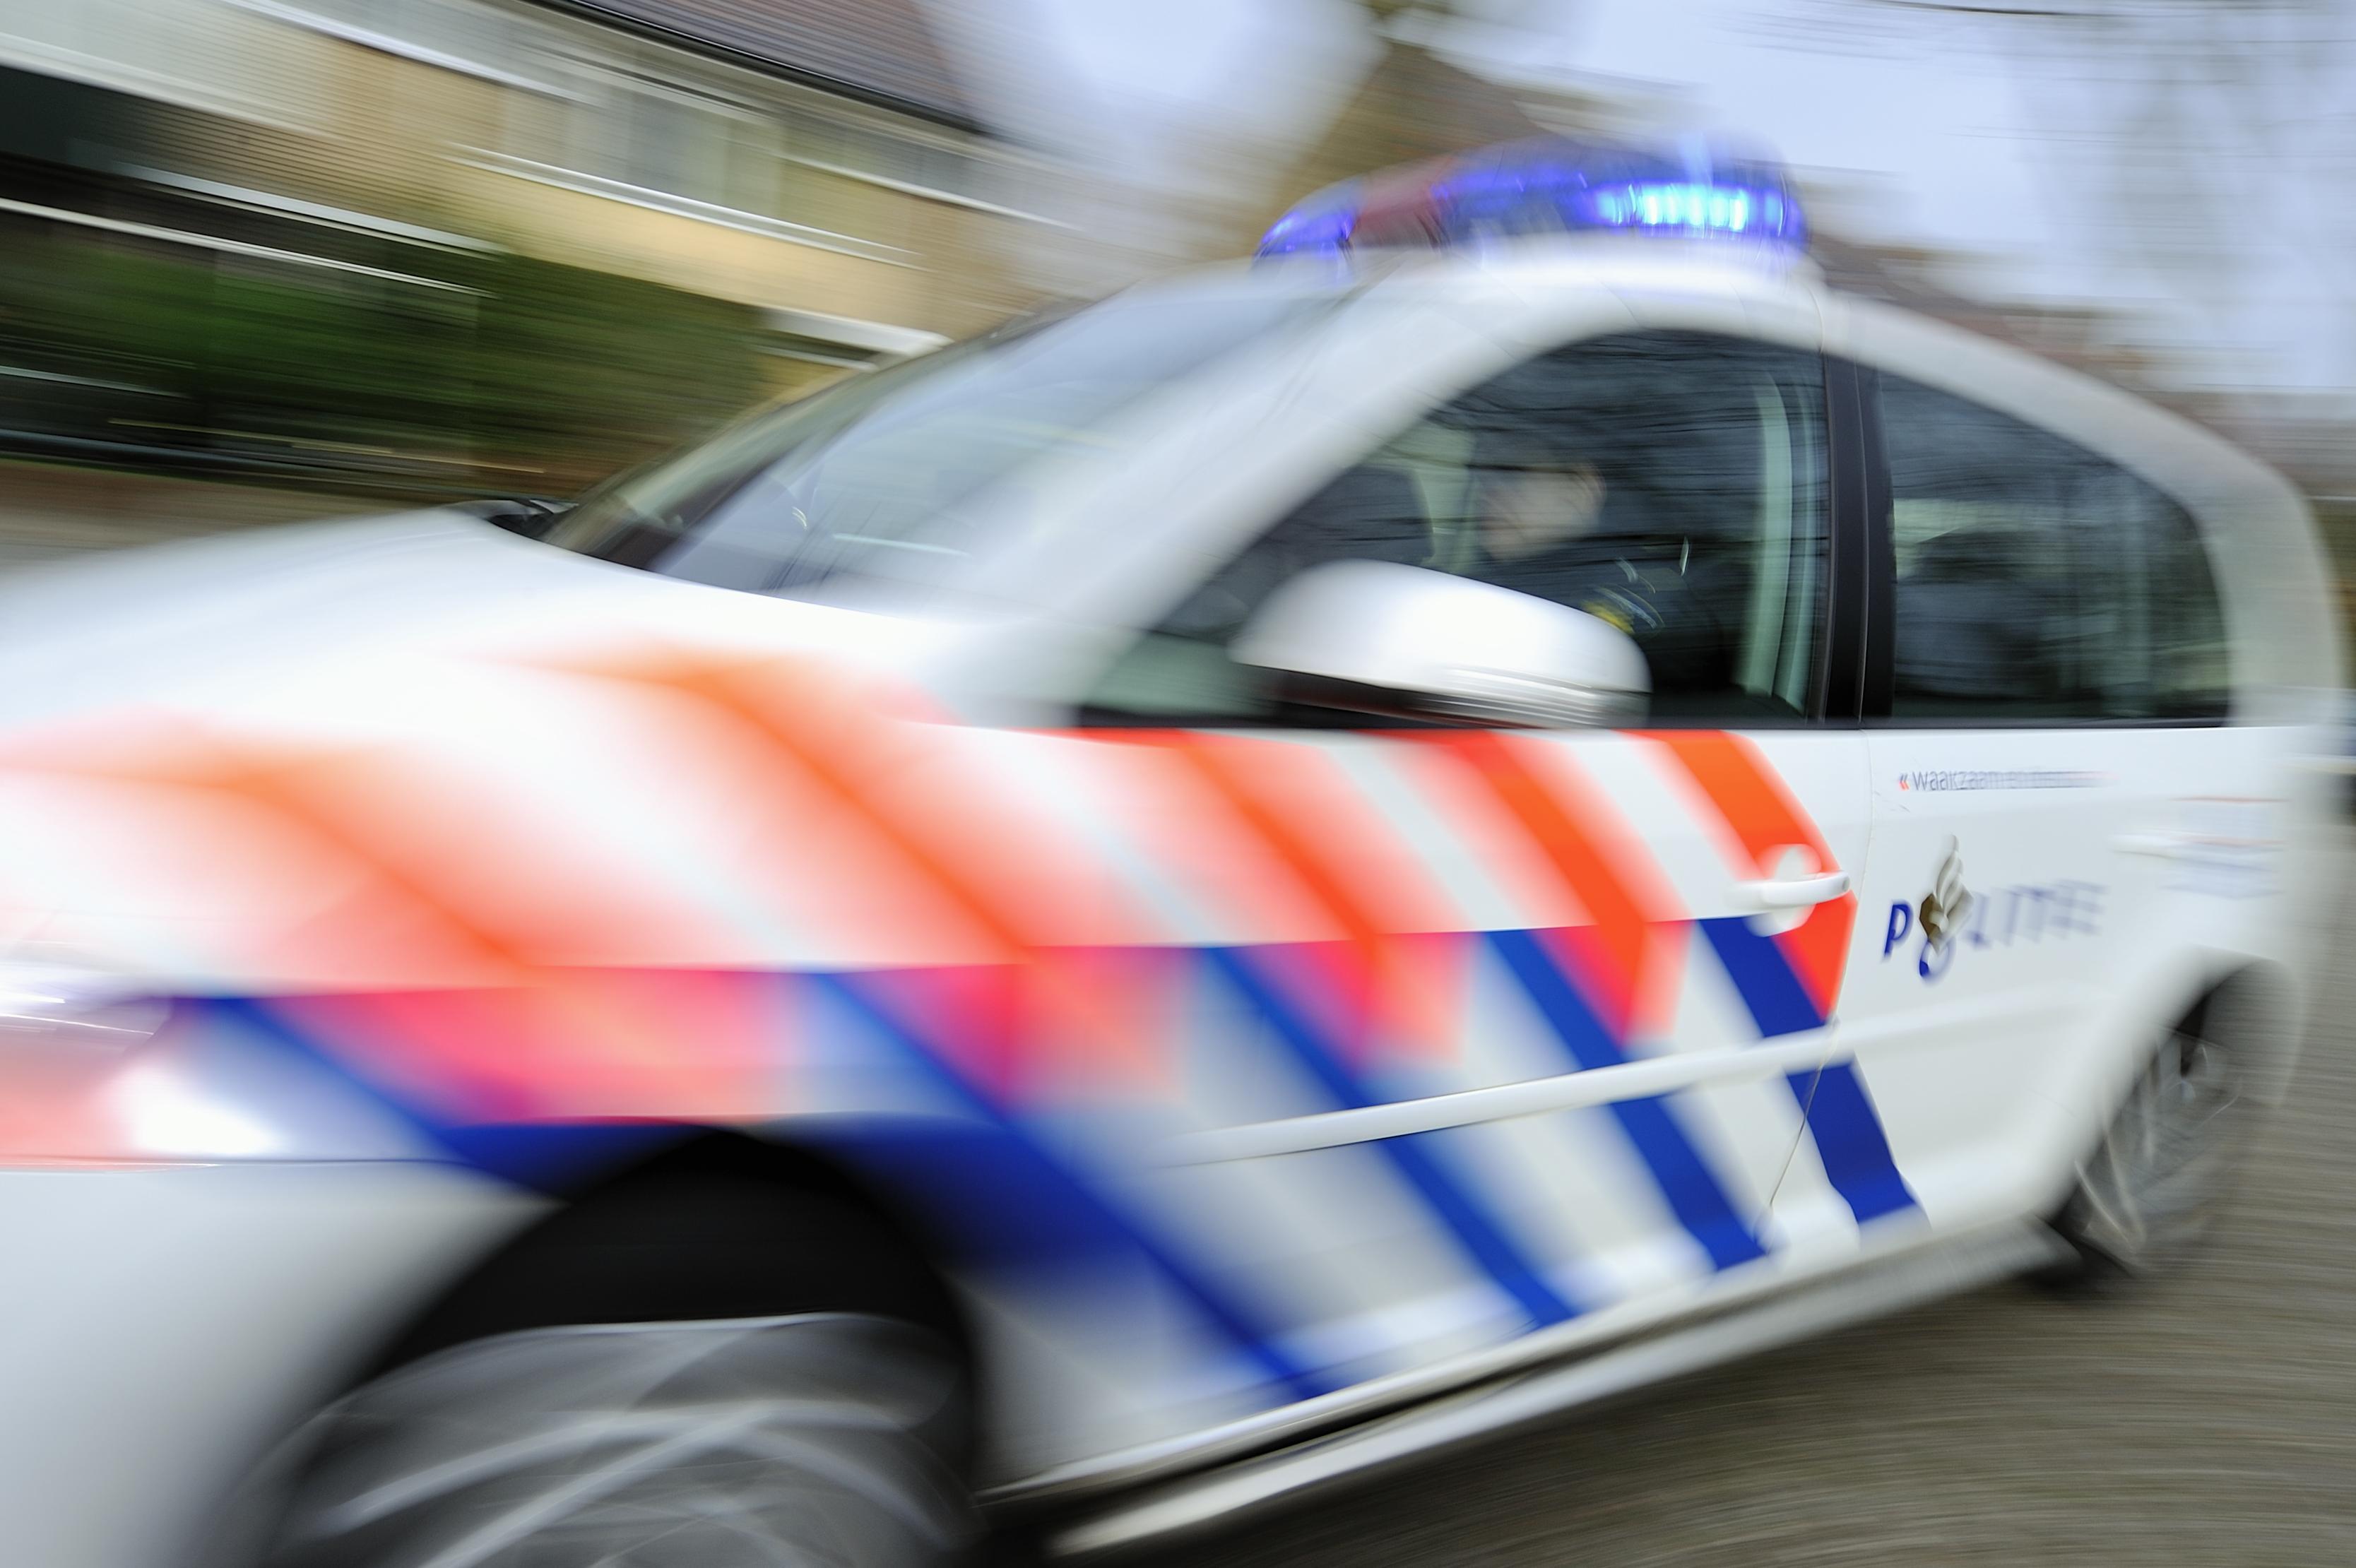 41-jarige man uit Leimuiderbrug twee keer op dezelfde dag aangehouden onder invloed en zonder rijbewijs